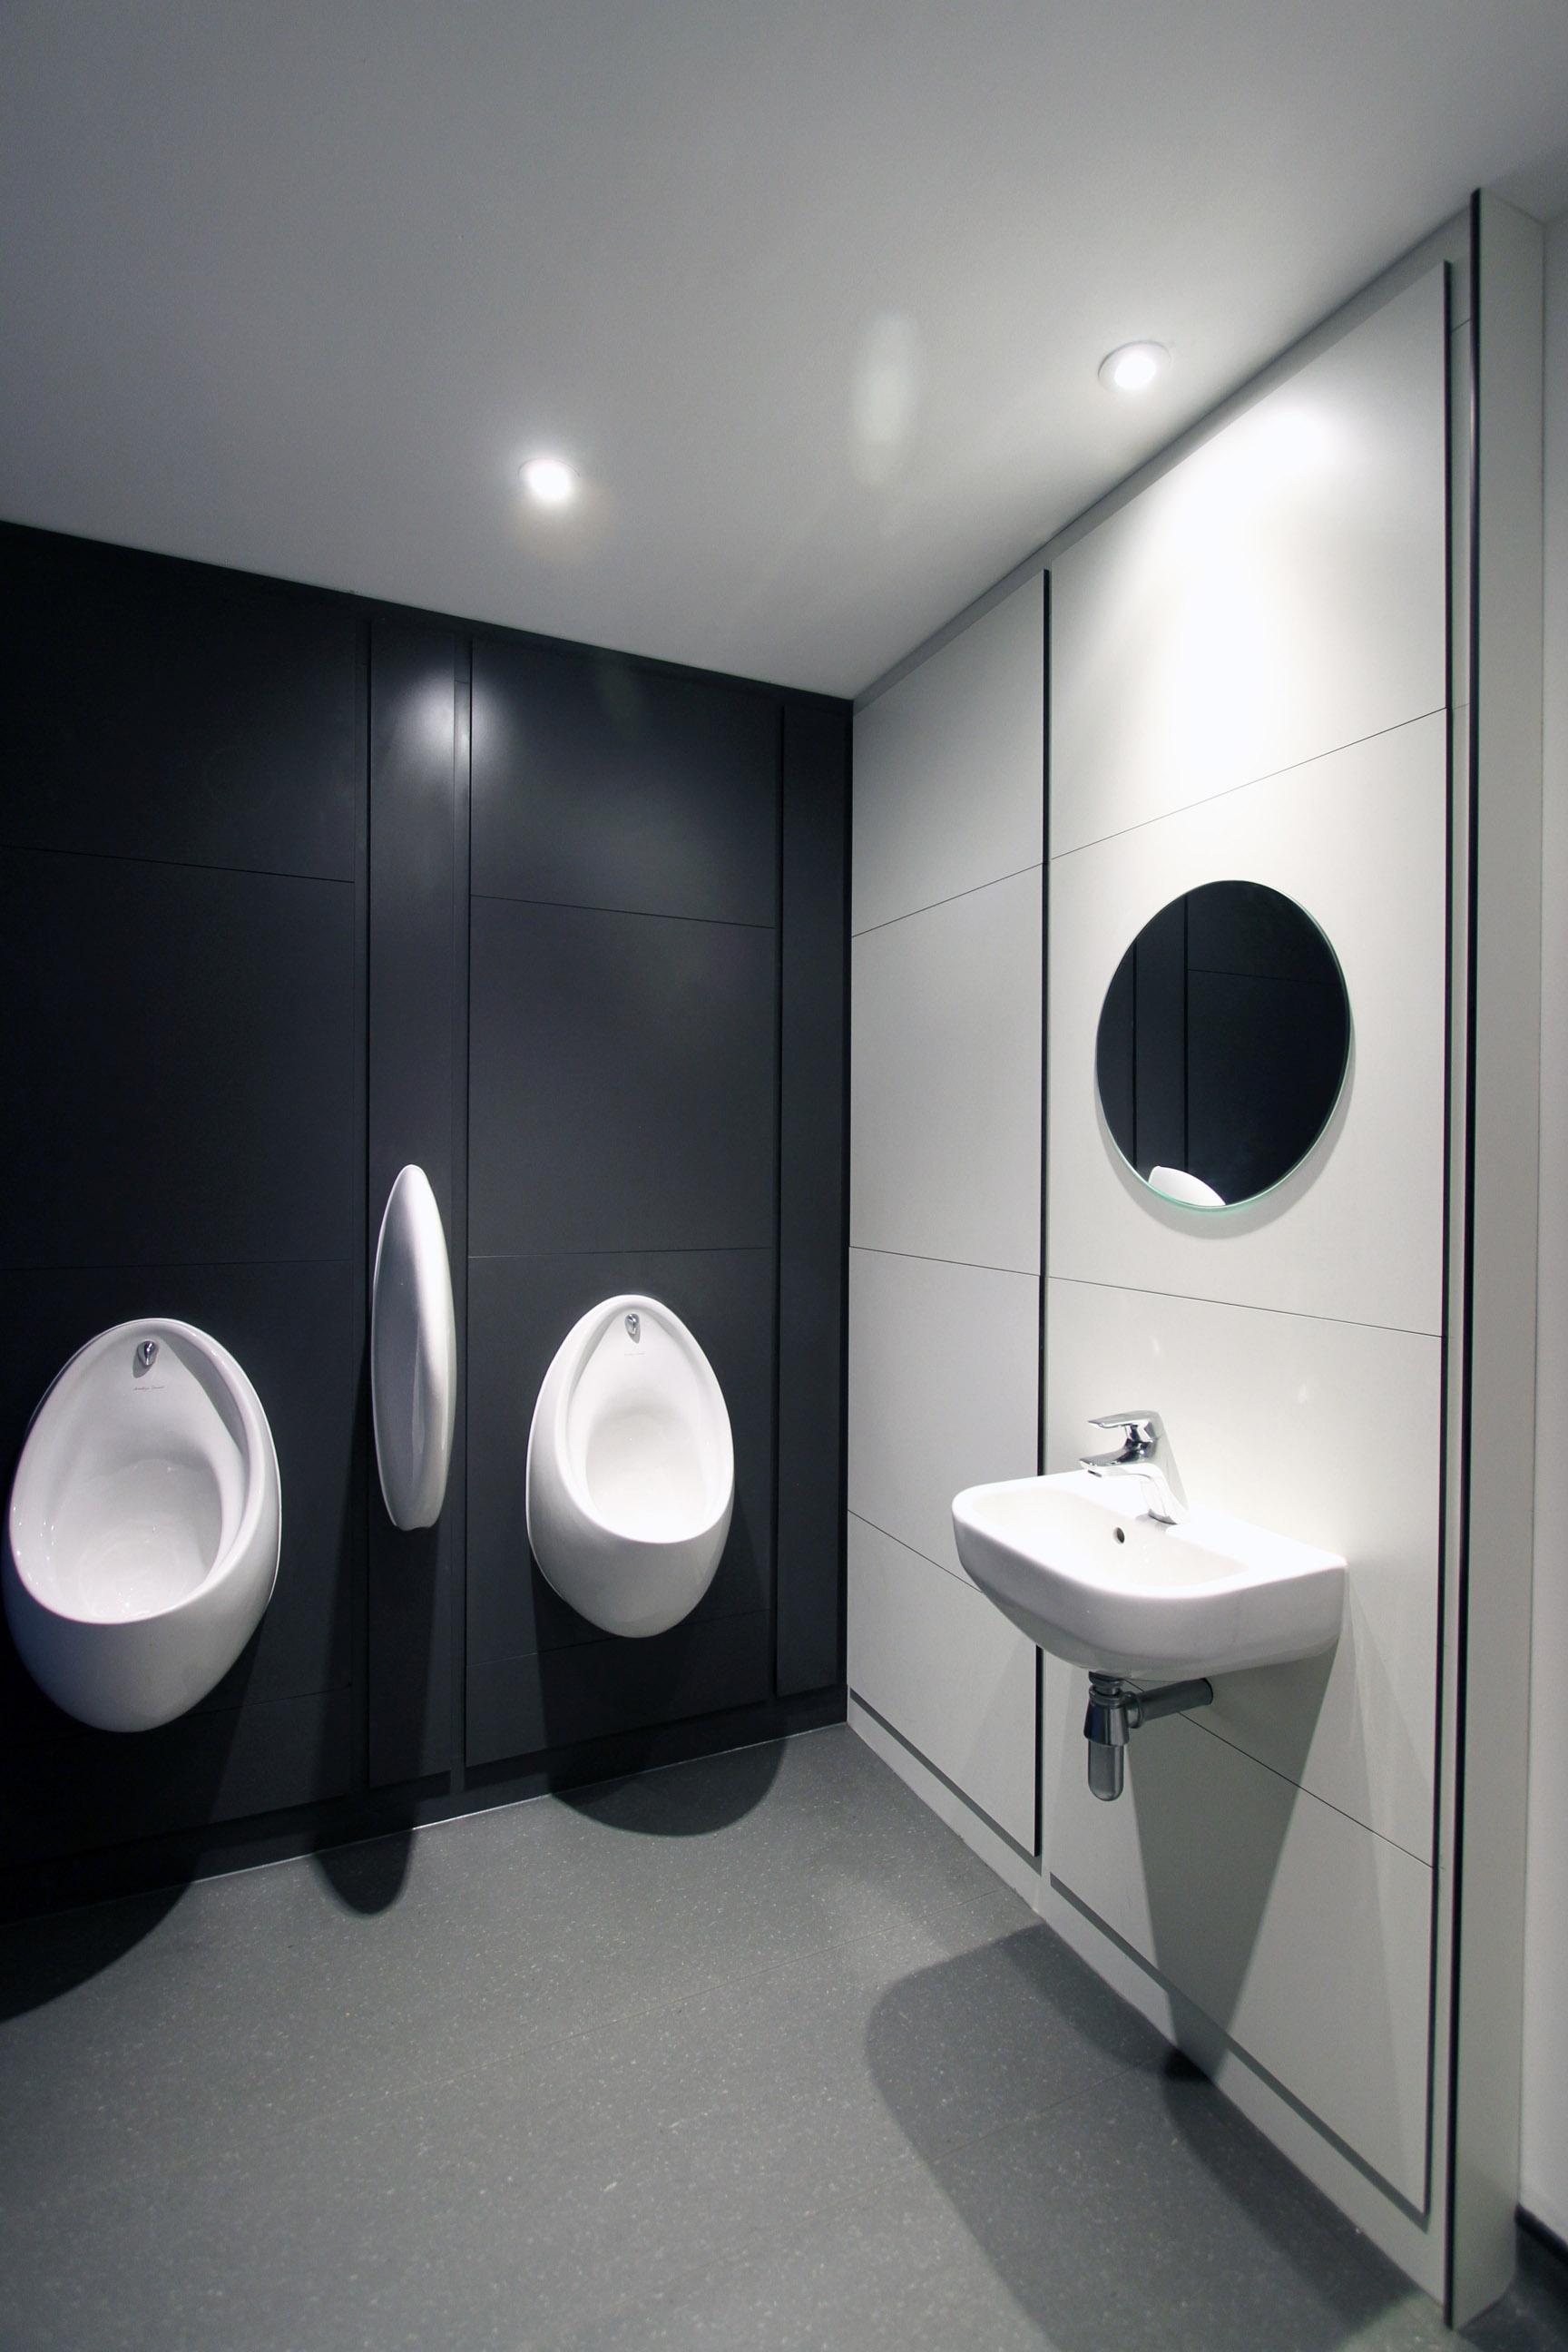 HURC Toilets M2